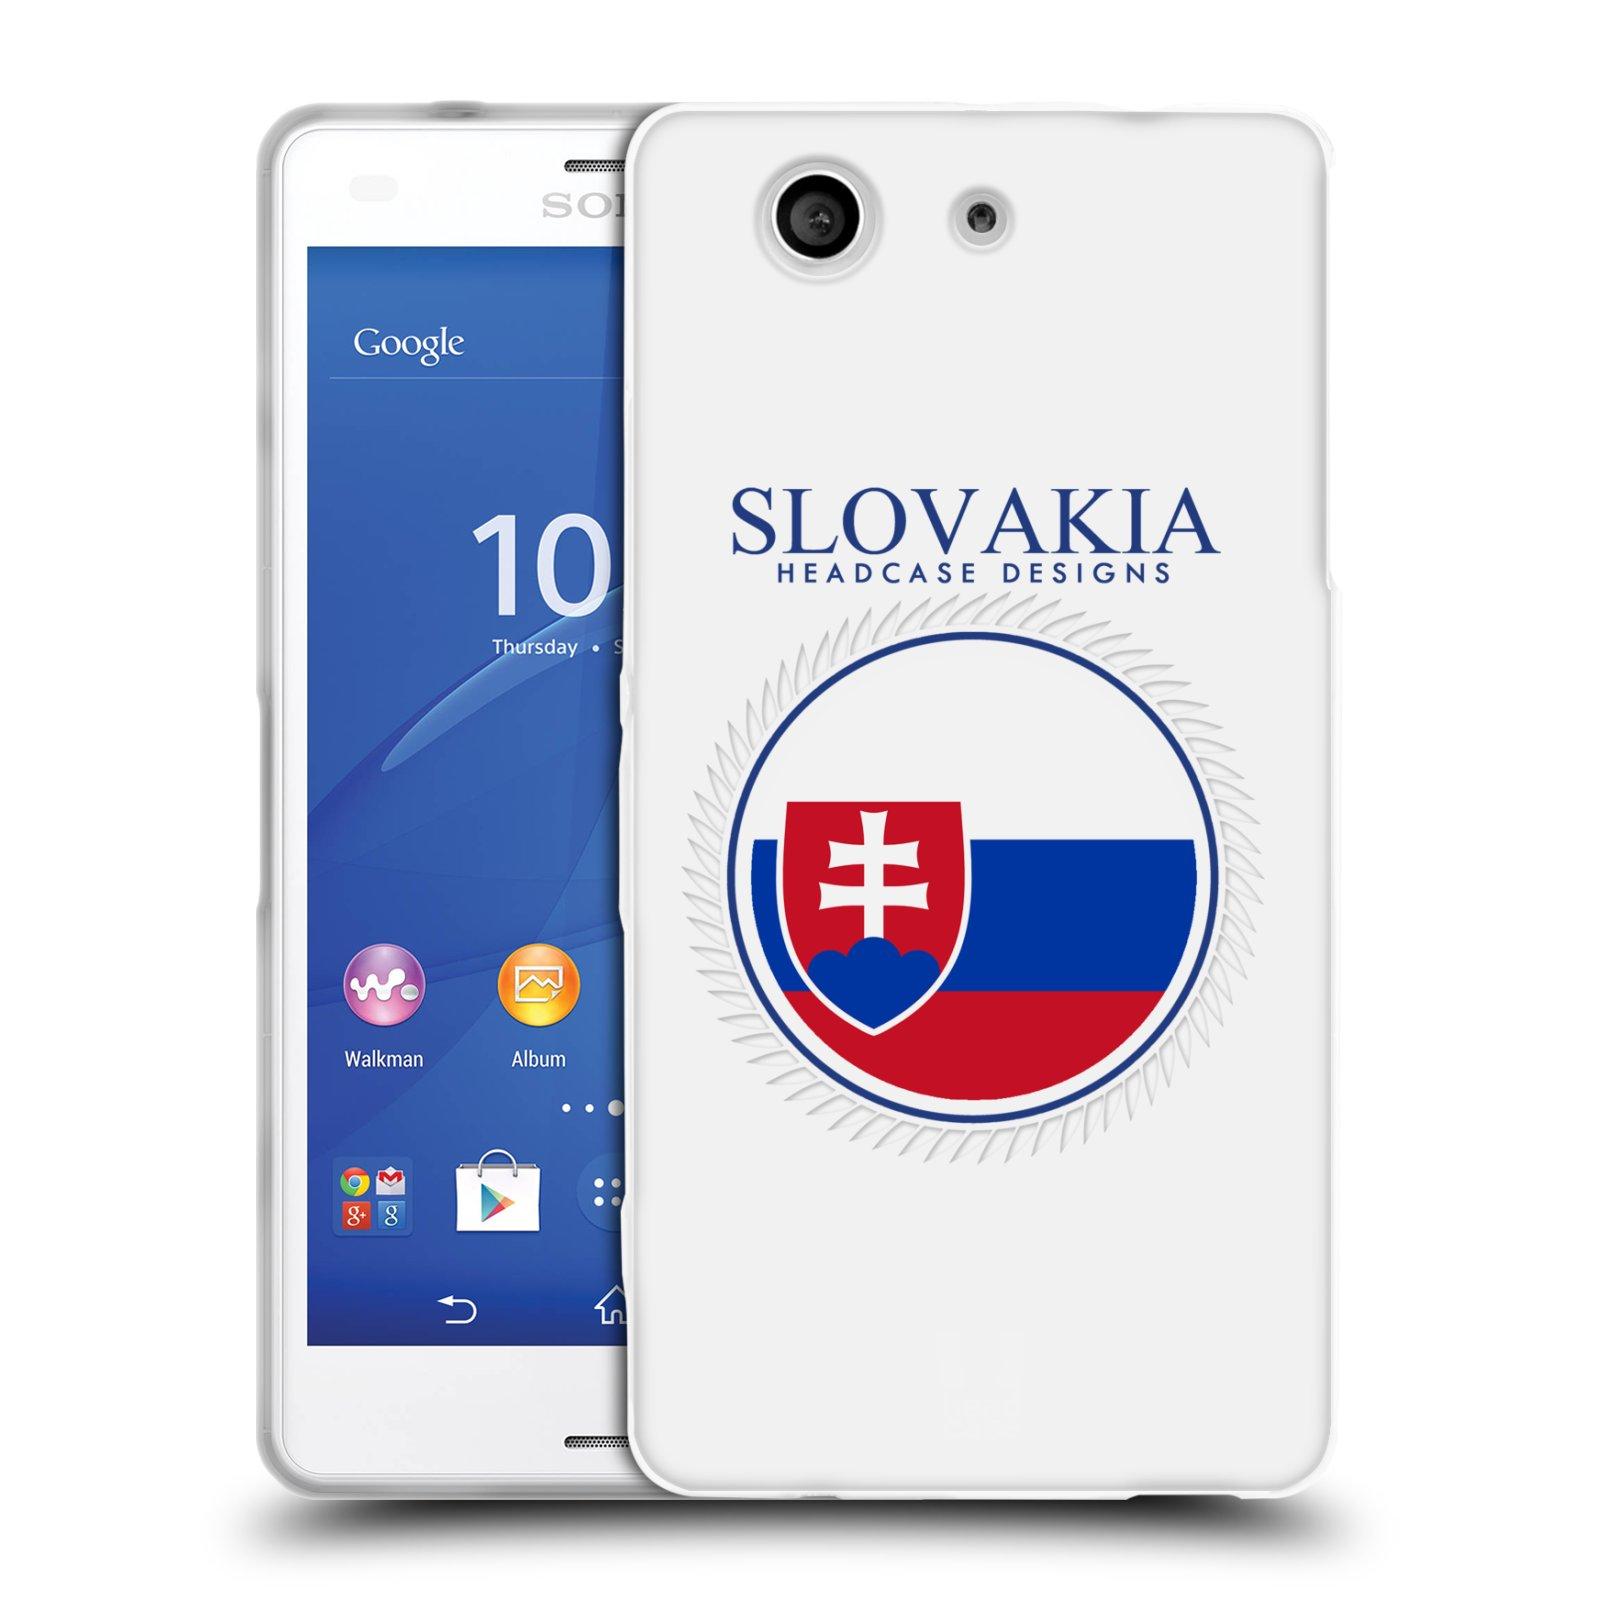 HEAD CASE silikonový obal na mobil Sony Xperia Z3 COMPACT (D5803) vzor Vlajky státy 2 SLOVENSKO